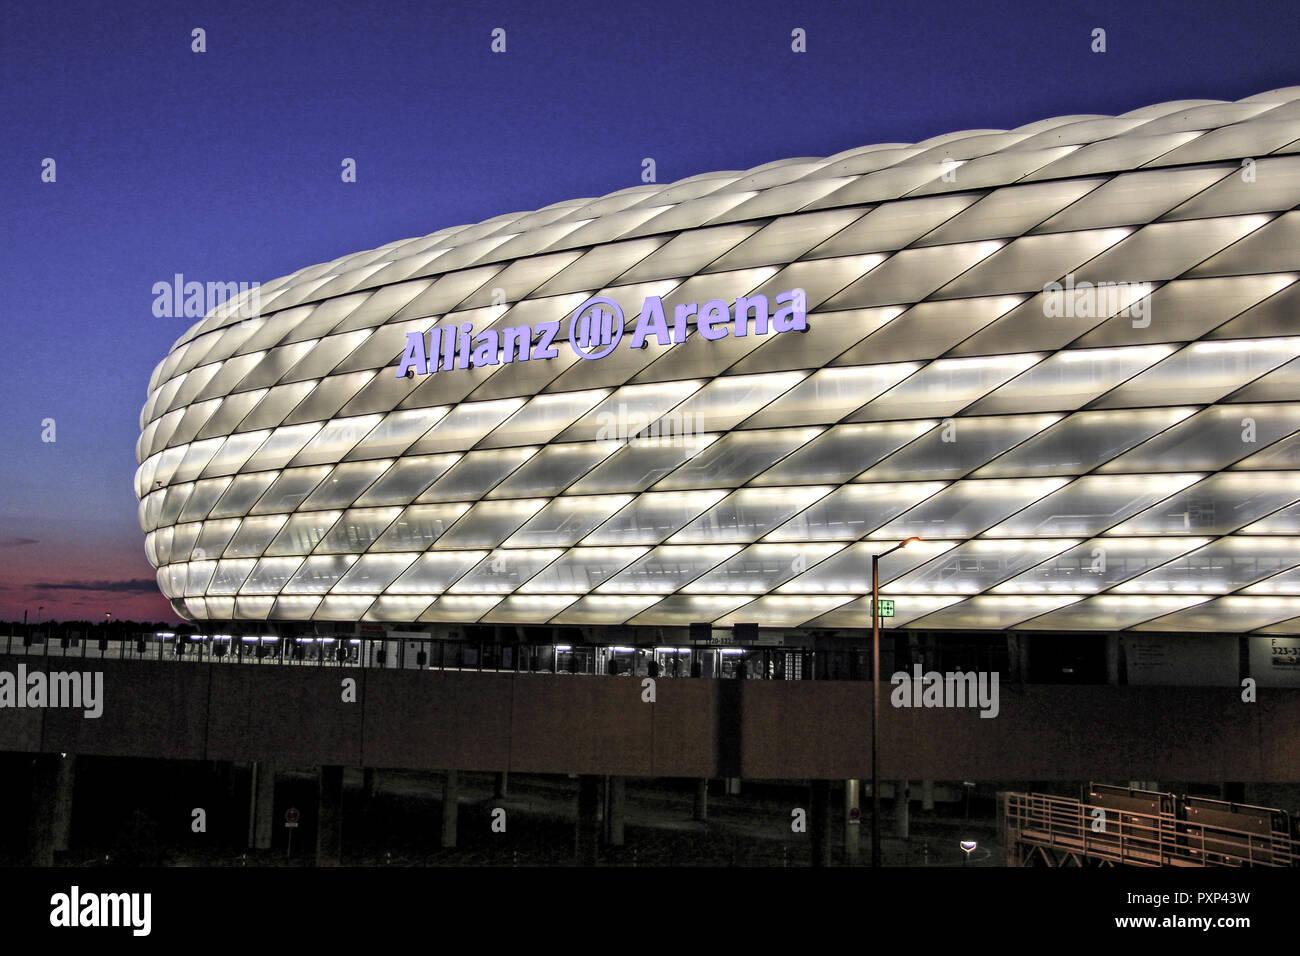 Deutschland, München, Fussballstadion, Allianz Arena, , erbaut 2002-2005, Architekten, Herzog und de Meuron, Covertex Aussenhülle, Germany, Munich foo - Stock Image